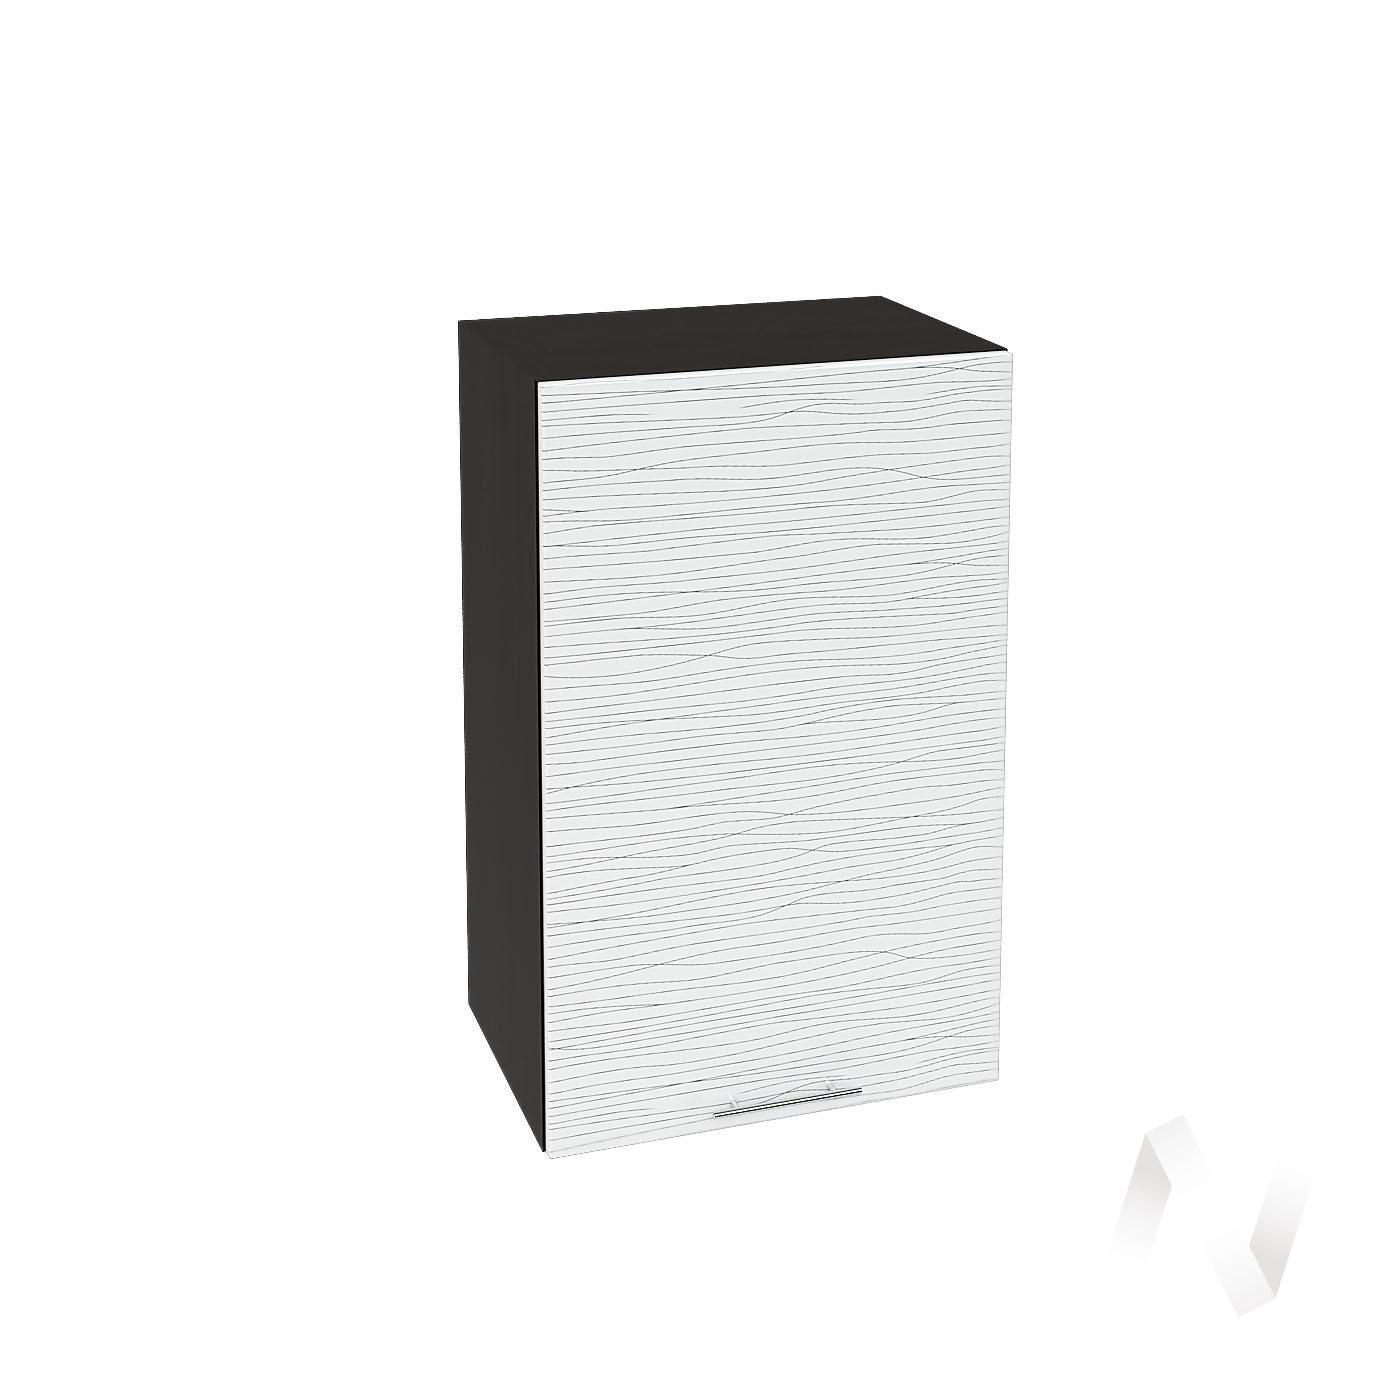 """Кухня """"Валерия-М"""": Шкаф верхний 450, ШВ 450 (Страйп белый/корпус венге)"""